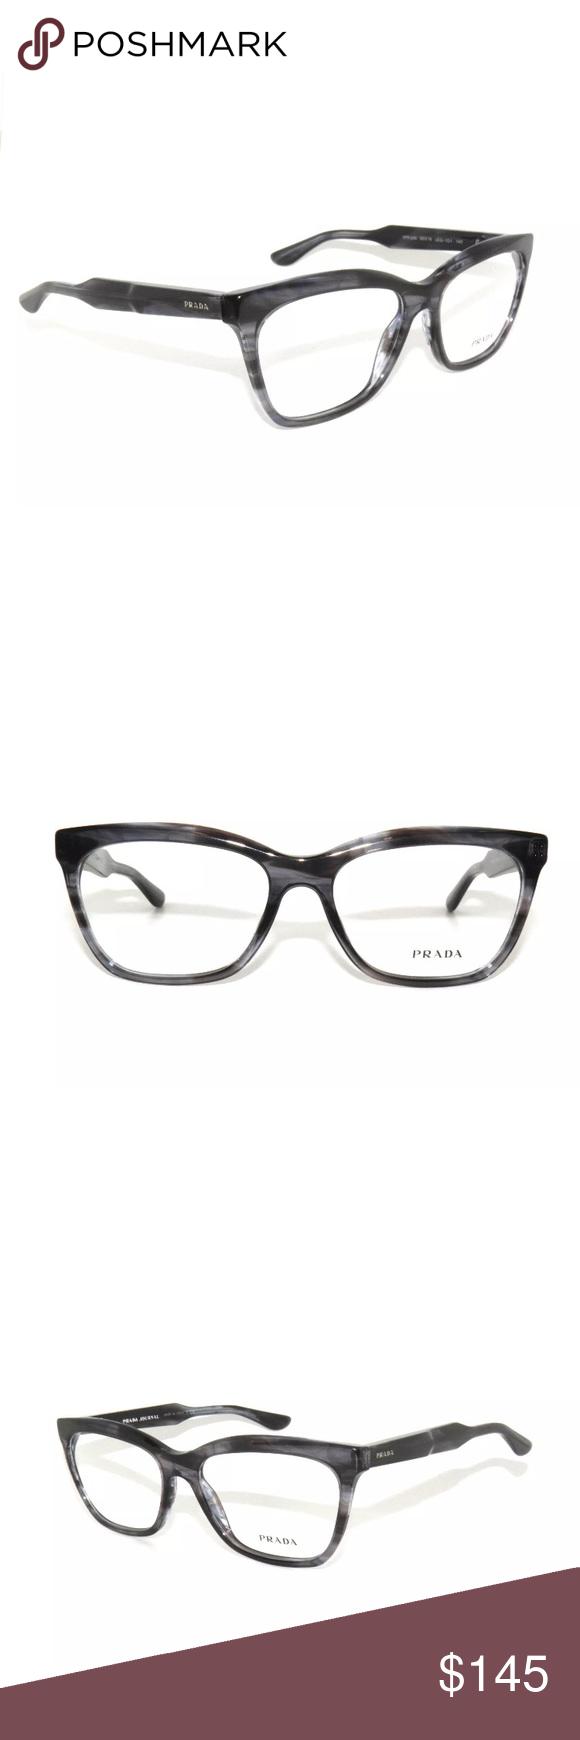 c9ce931a7e1b Prada Violet Optical eyeglasses 24S New Authentic Comes with Prada case Prada  Accessories Glasses